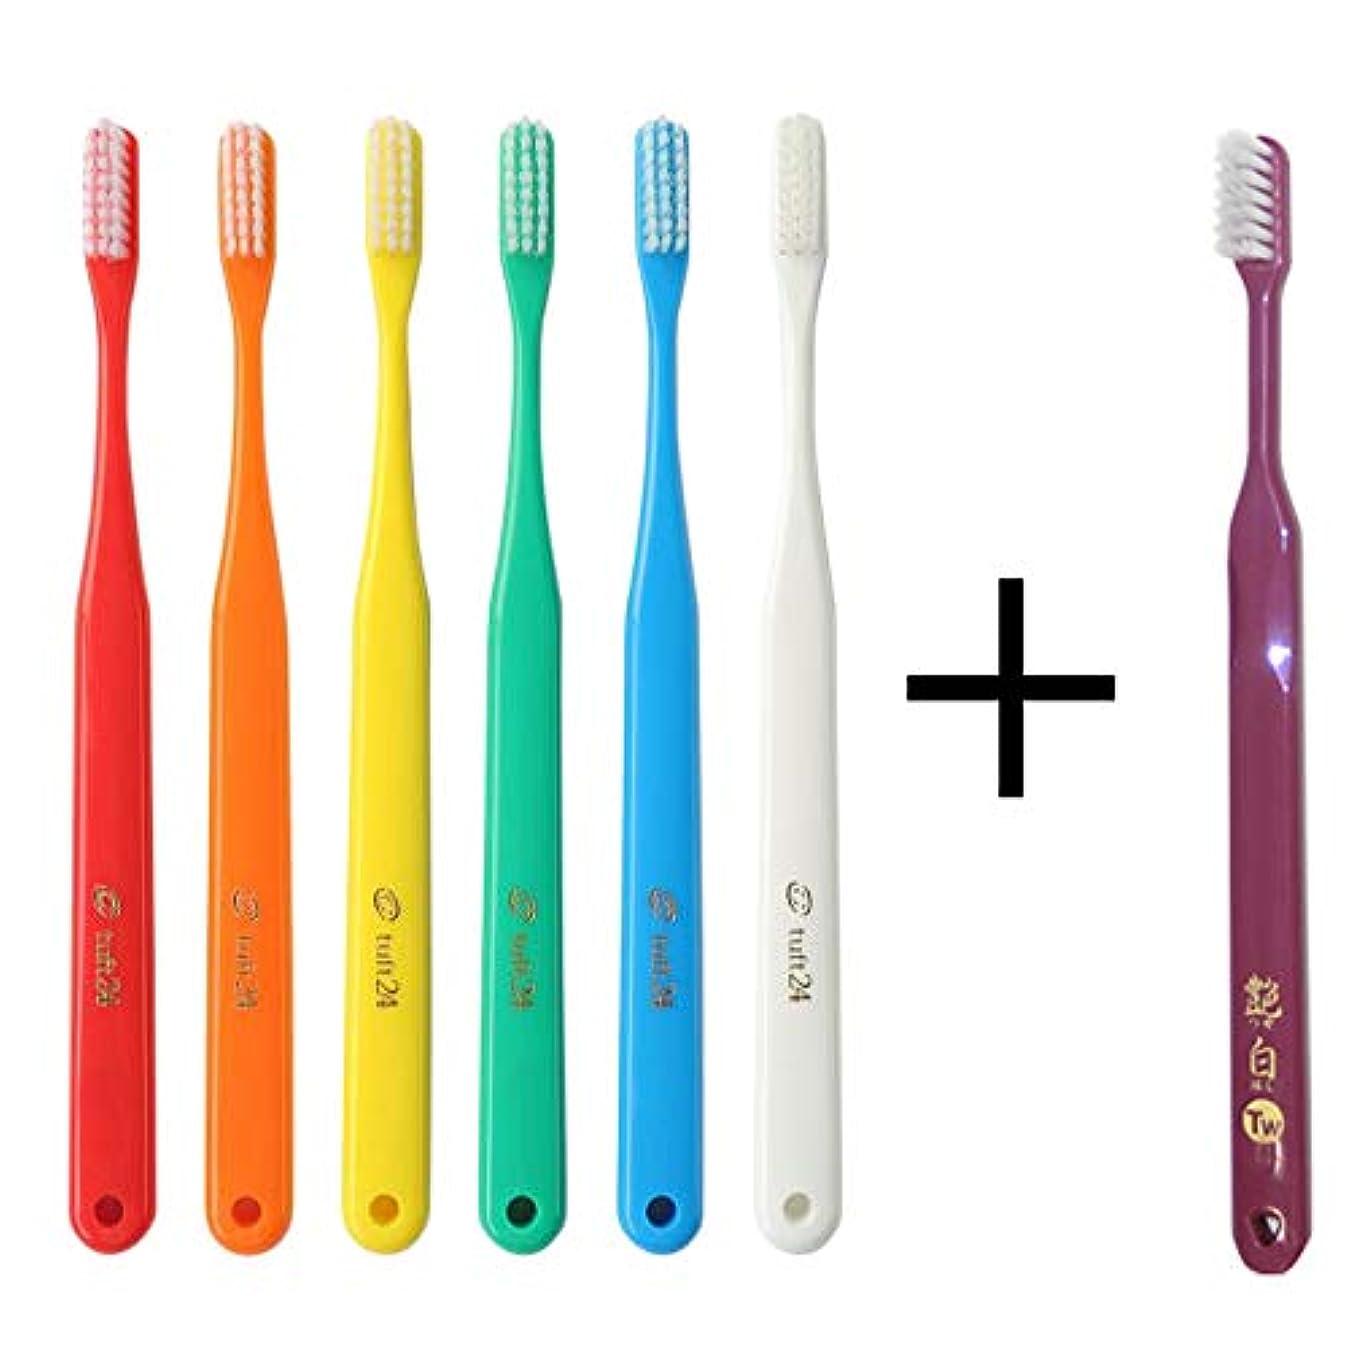 繁栄する側面骨髄キャップなし タフト24 歯ブラシ × 25本入 S (アソート) + 艶白 歯ブラシ (日本製) ×1本 MS(やややわらかめ) 大人用歯ブラシ 歯科医院取扱品